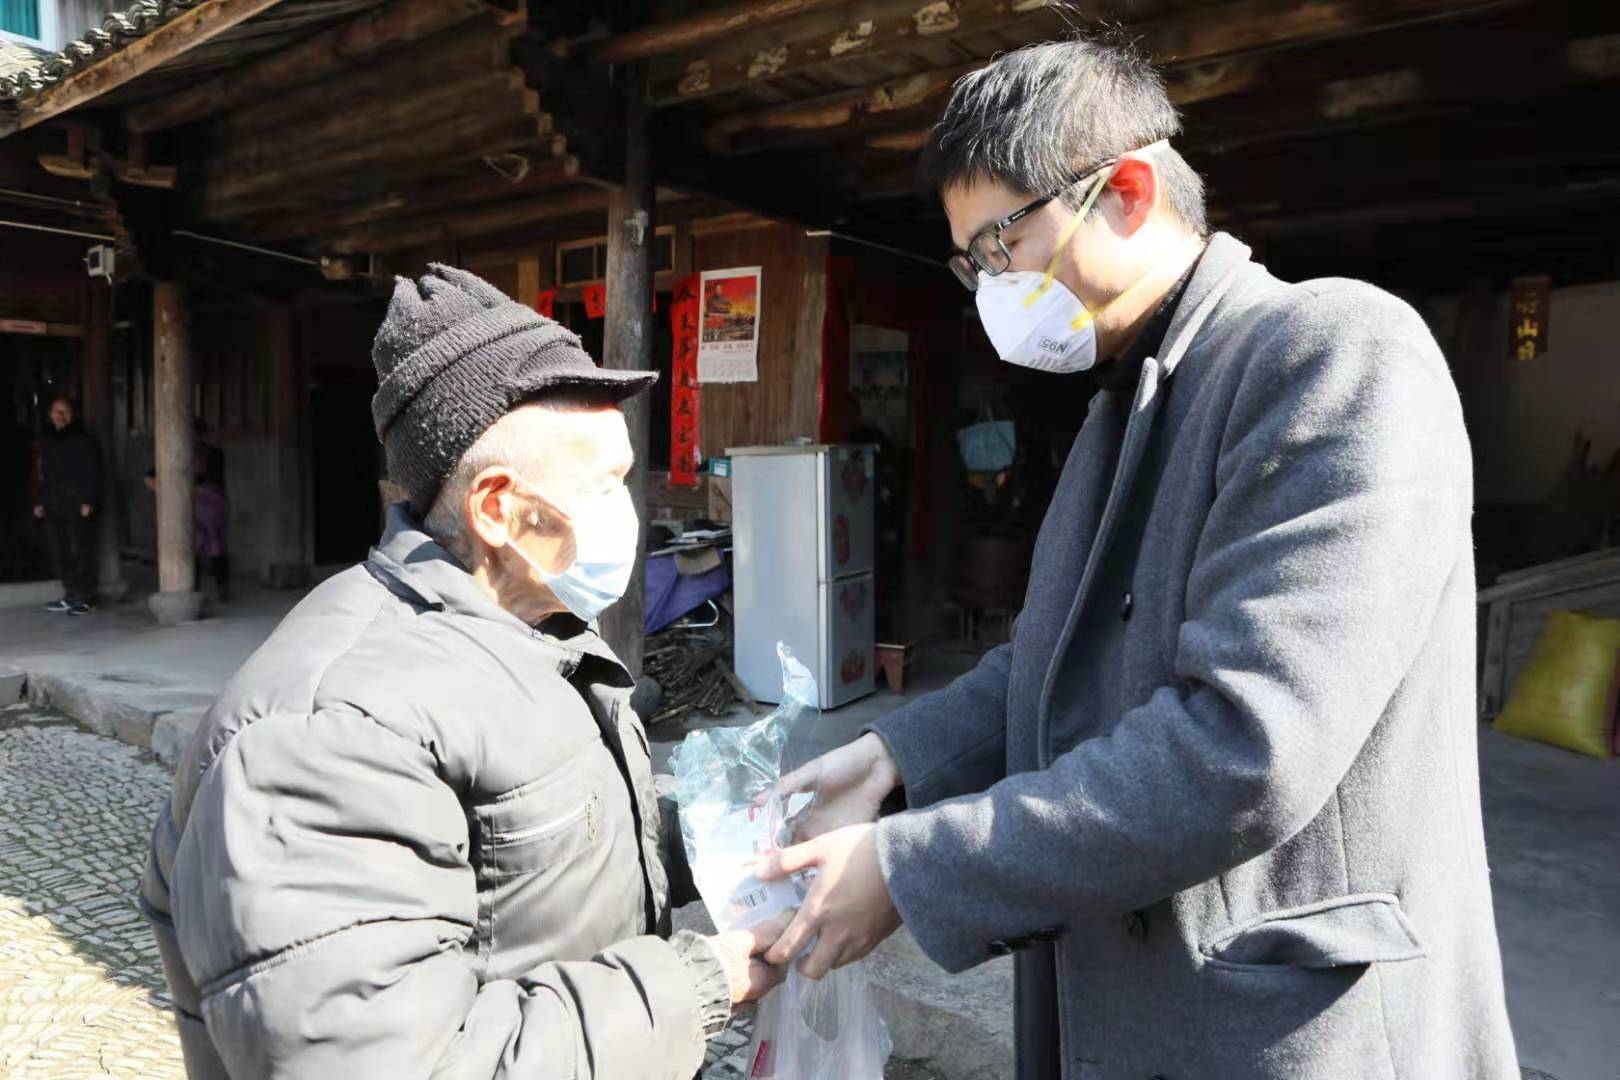 为解决村里老人用药问题 浙江大堰镇启动流动医疗进村图片